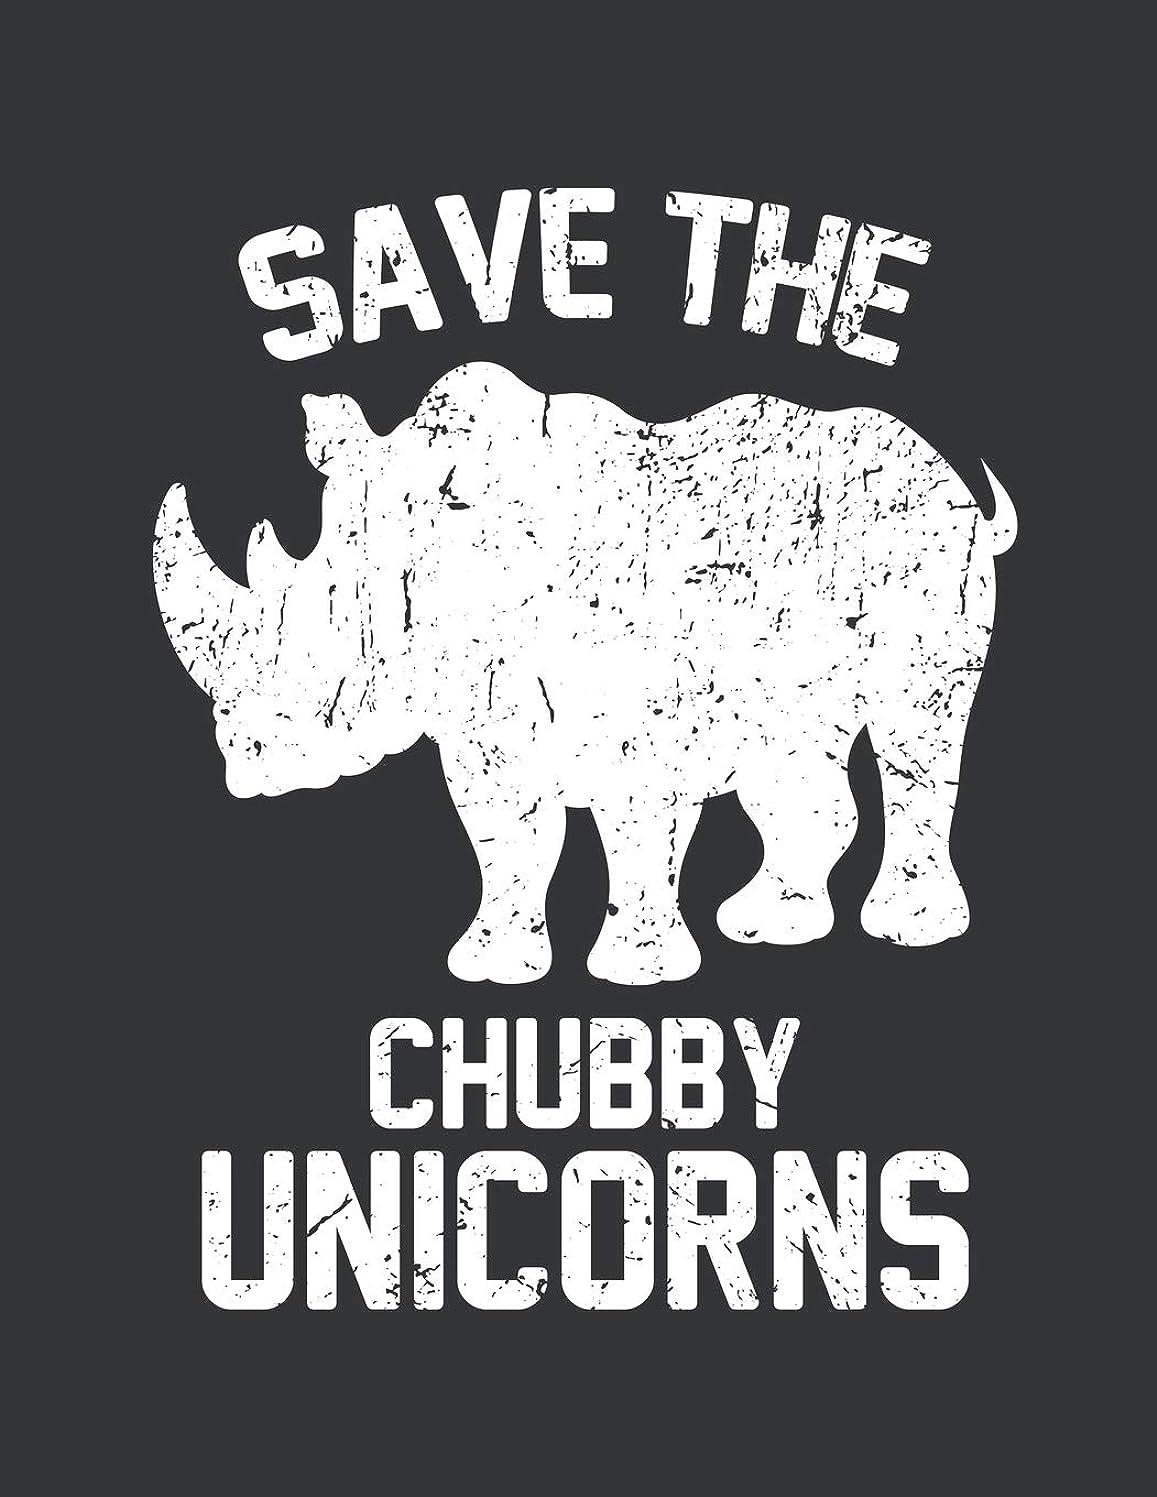 ウィザードつまずく縮れたNotebook: Save The Chubby Unicorns Funny Rhino Lover Journal & Doodle Diary; 120 White Paper Numbered Plain Pages for Writing and Drawing - 8.5x11 in.